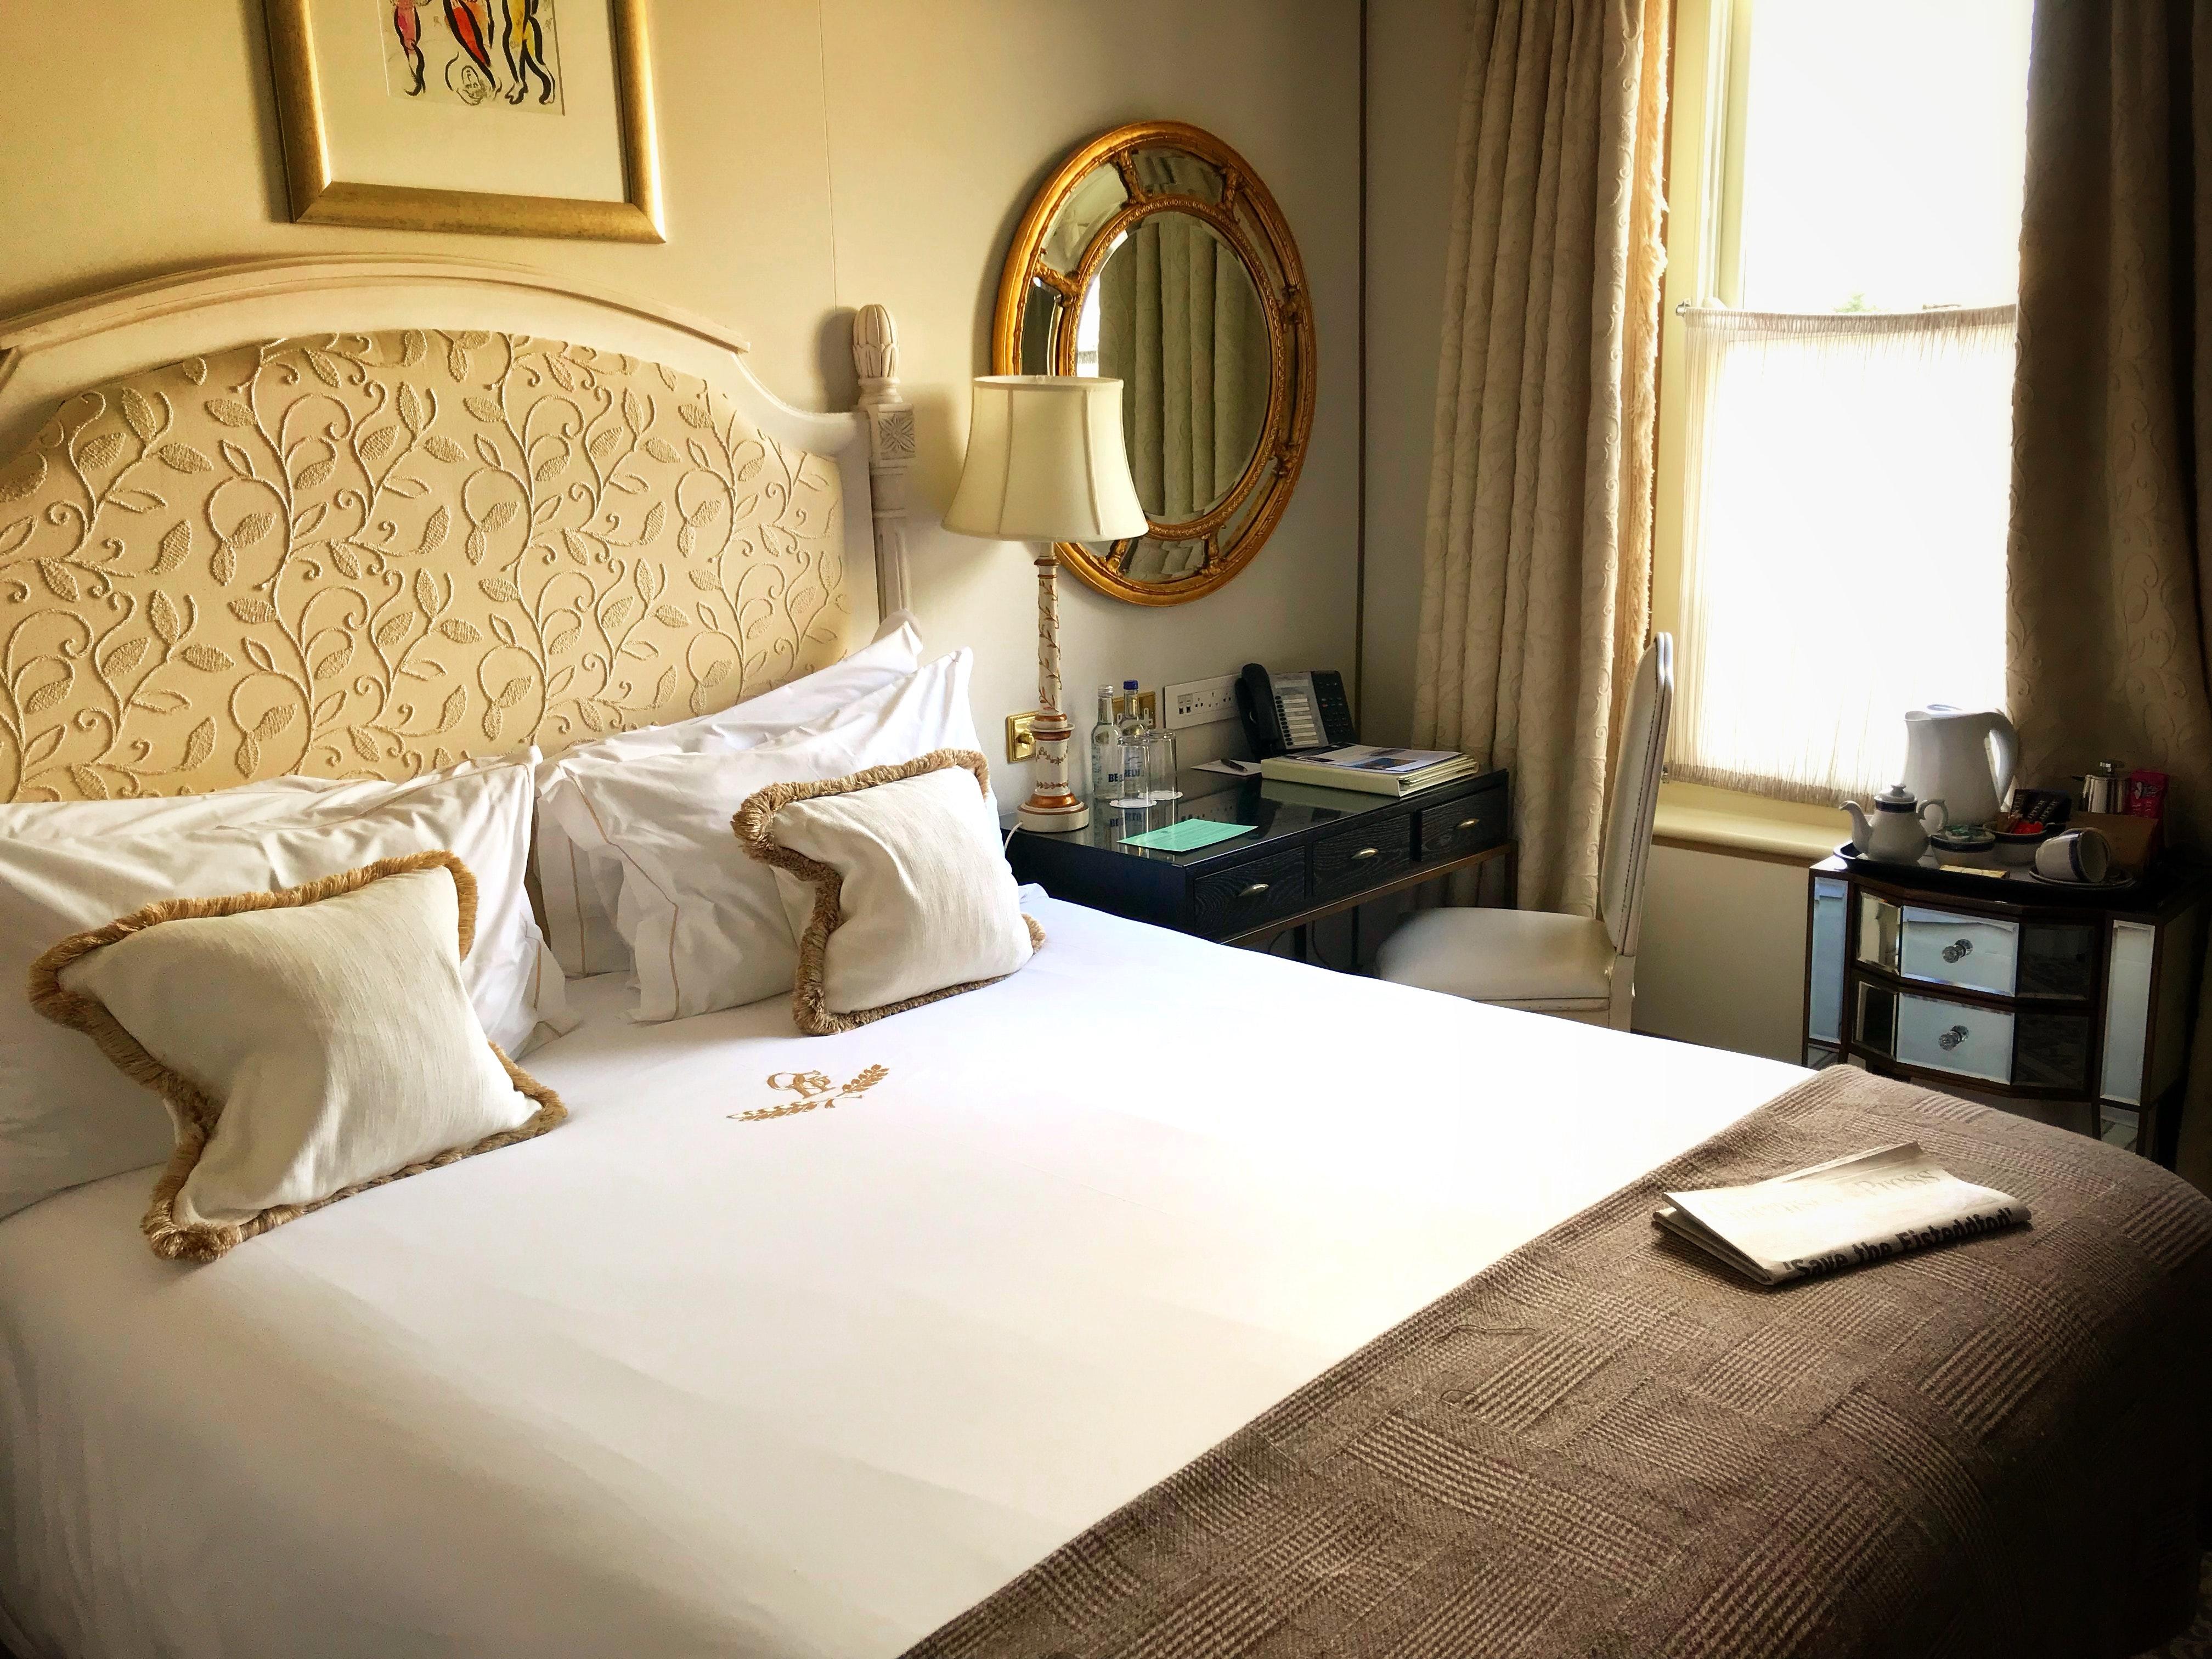 hotel room 11 - Houston Bed Bug Lawyer